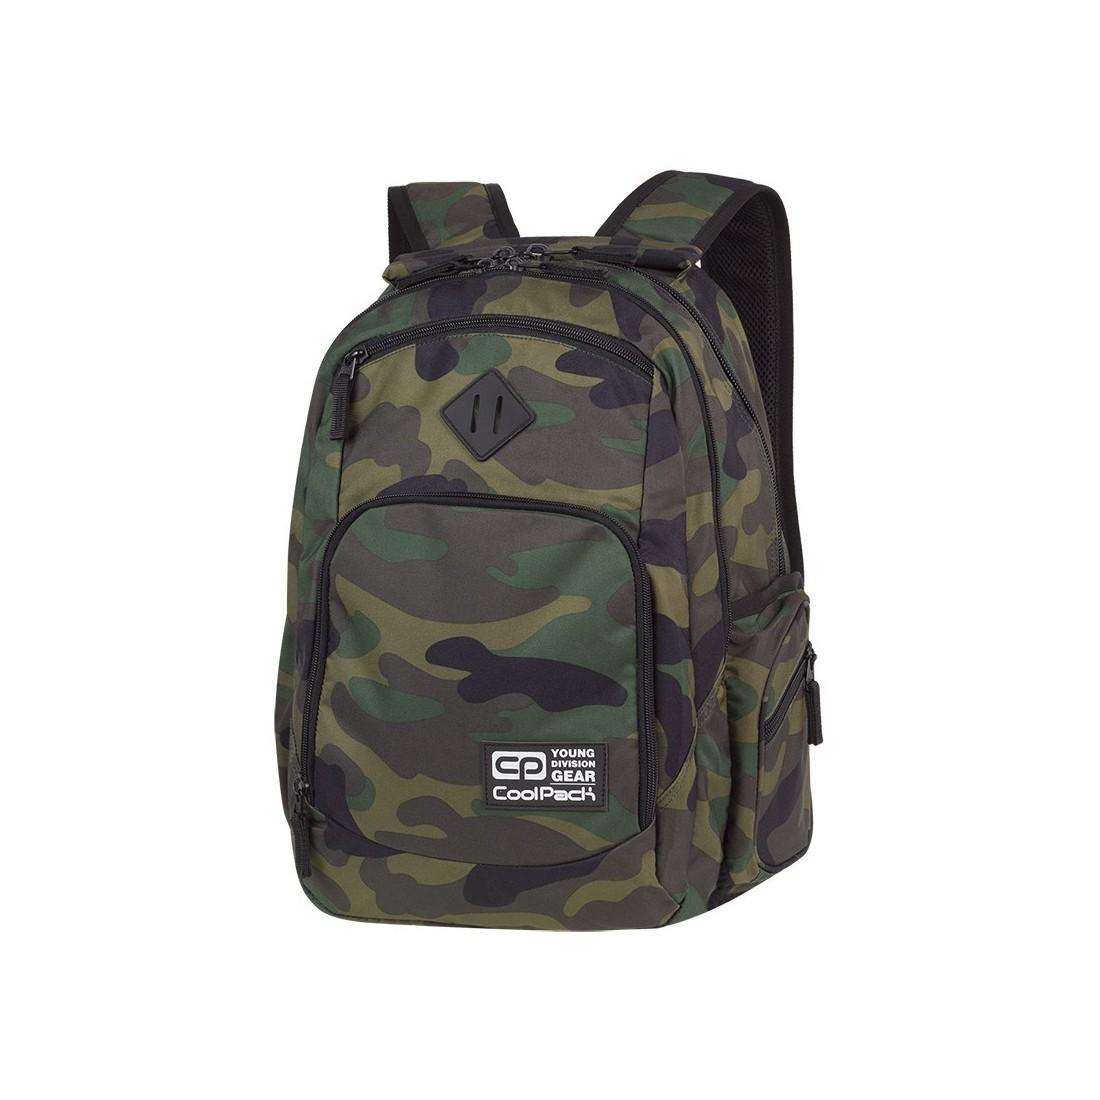 383aafa3d8805 Plecak szkolny COOLPACK CP BREAK CAMOUFLAGE CLASSIC dla nastolatków  klasyczne kolory moro - A386 ...